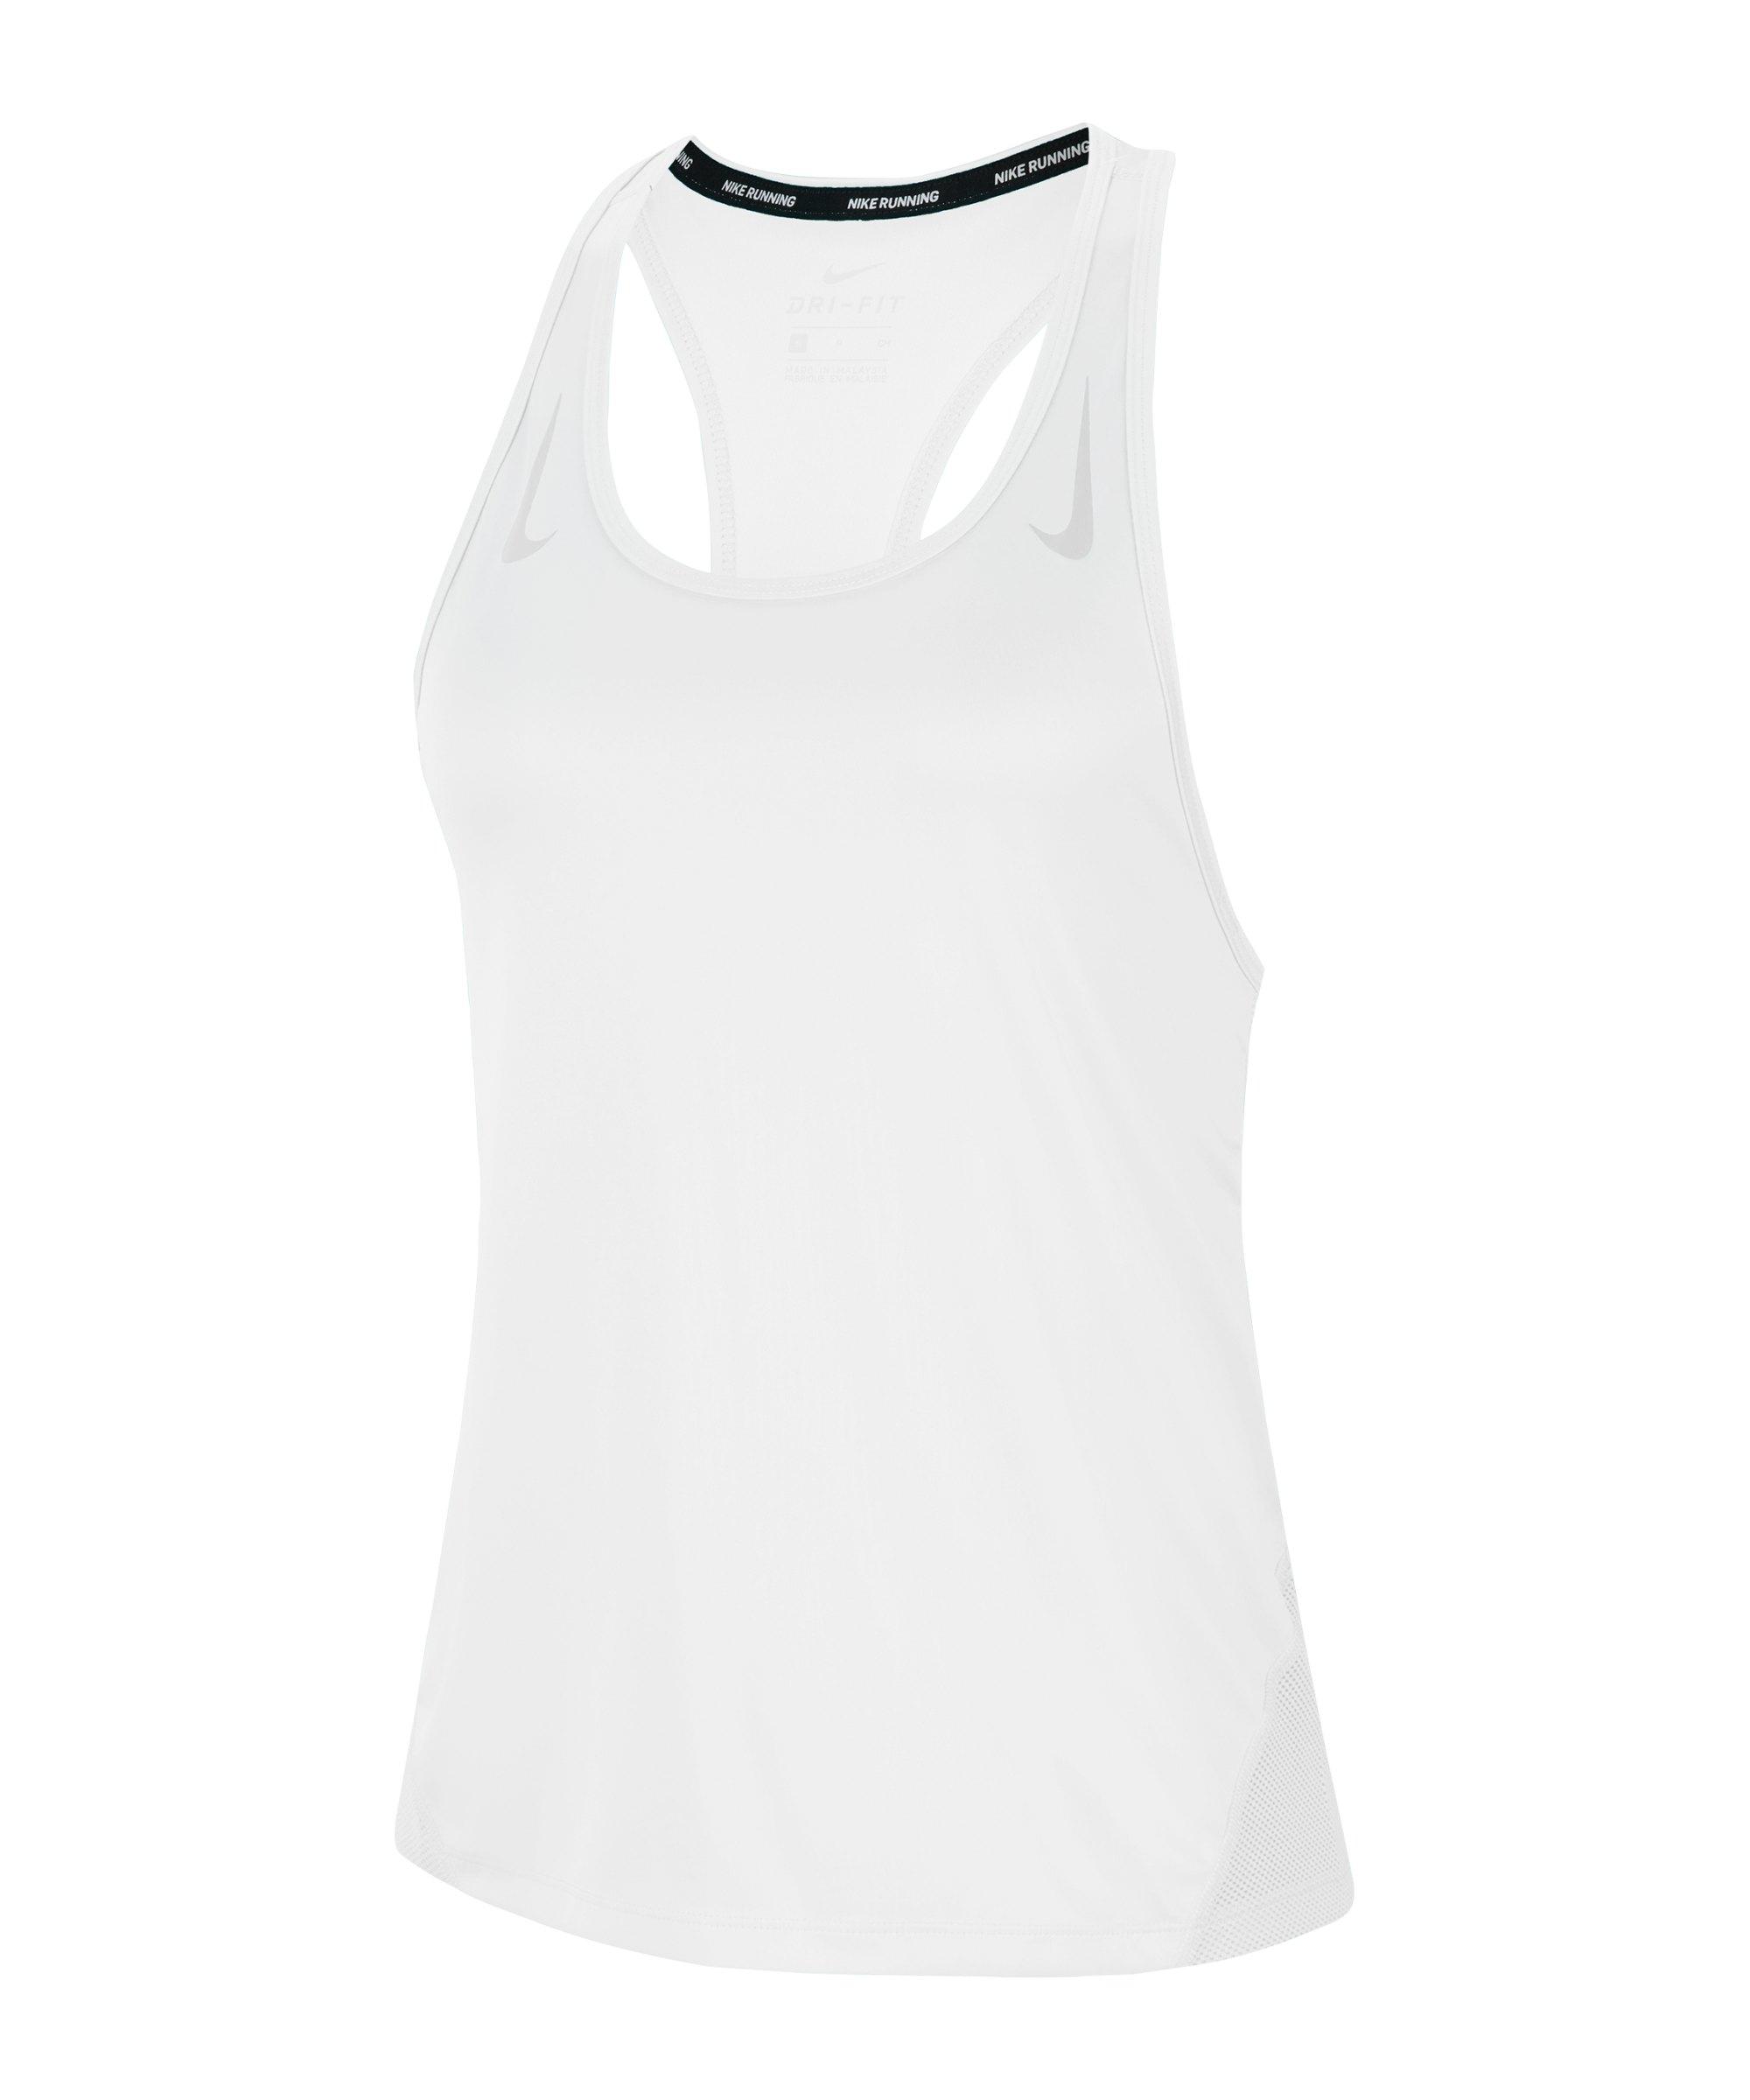 Nike Miler Tanktop Running Damen Weiss Silber F100 - weiss